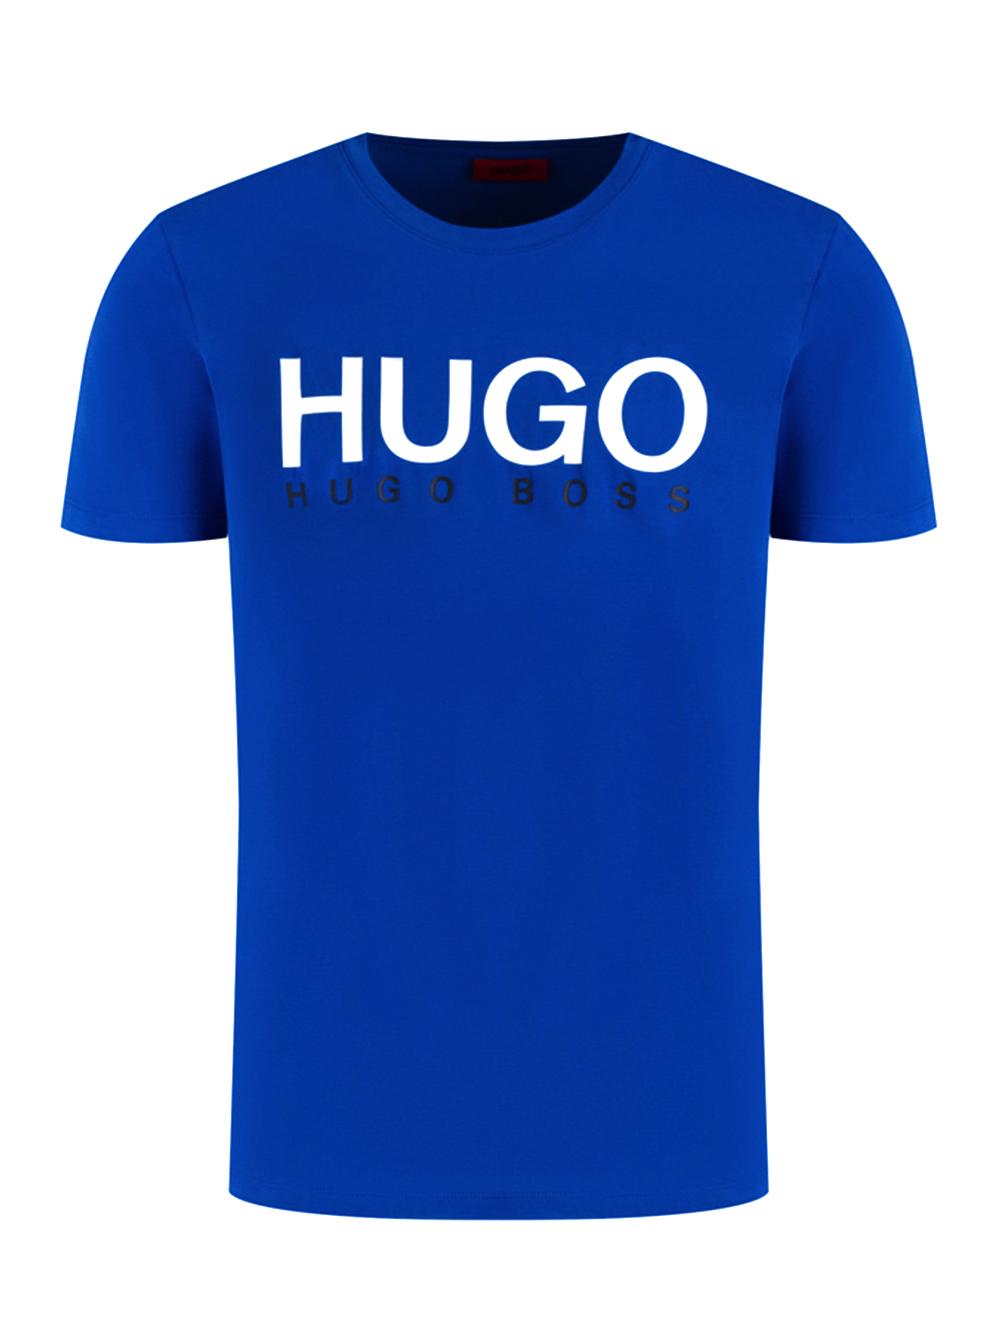 HUGO Μπλούζα T-Shirt 50424999-405 ΡΟΥΑ